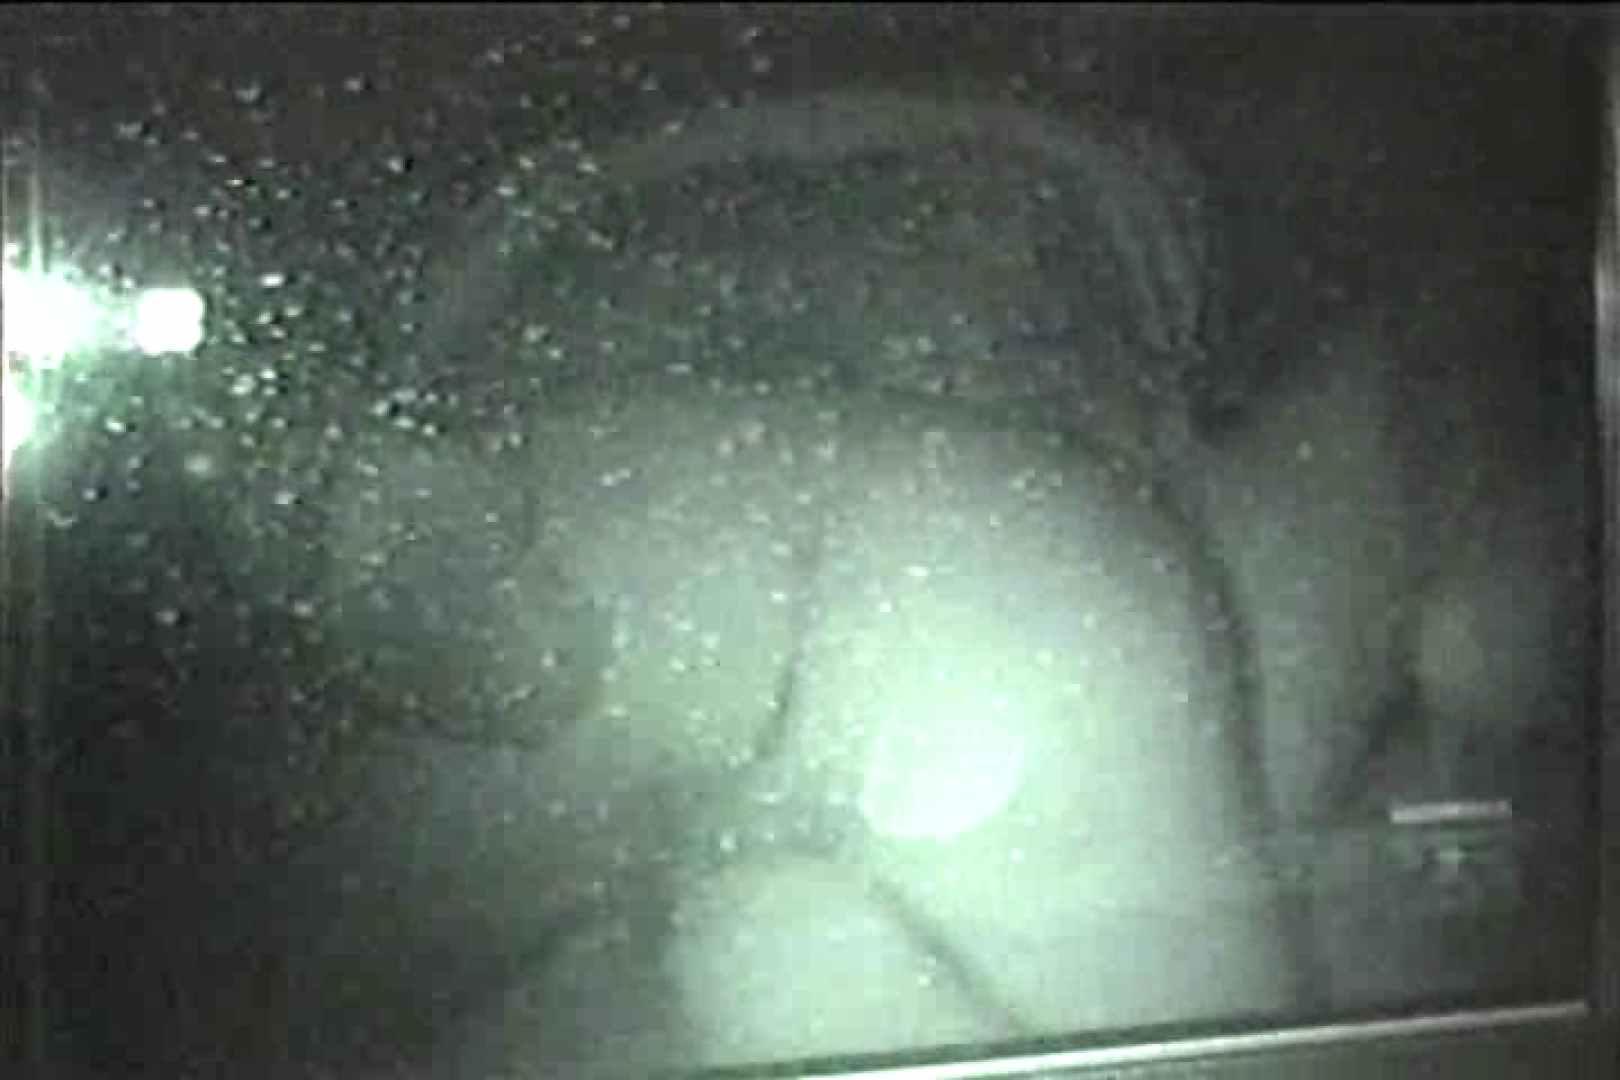 車の中はラブホテル 無修正版  Vol.7 セックス ぱこり動画紹介 81pic 49